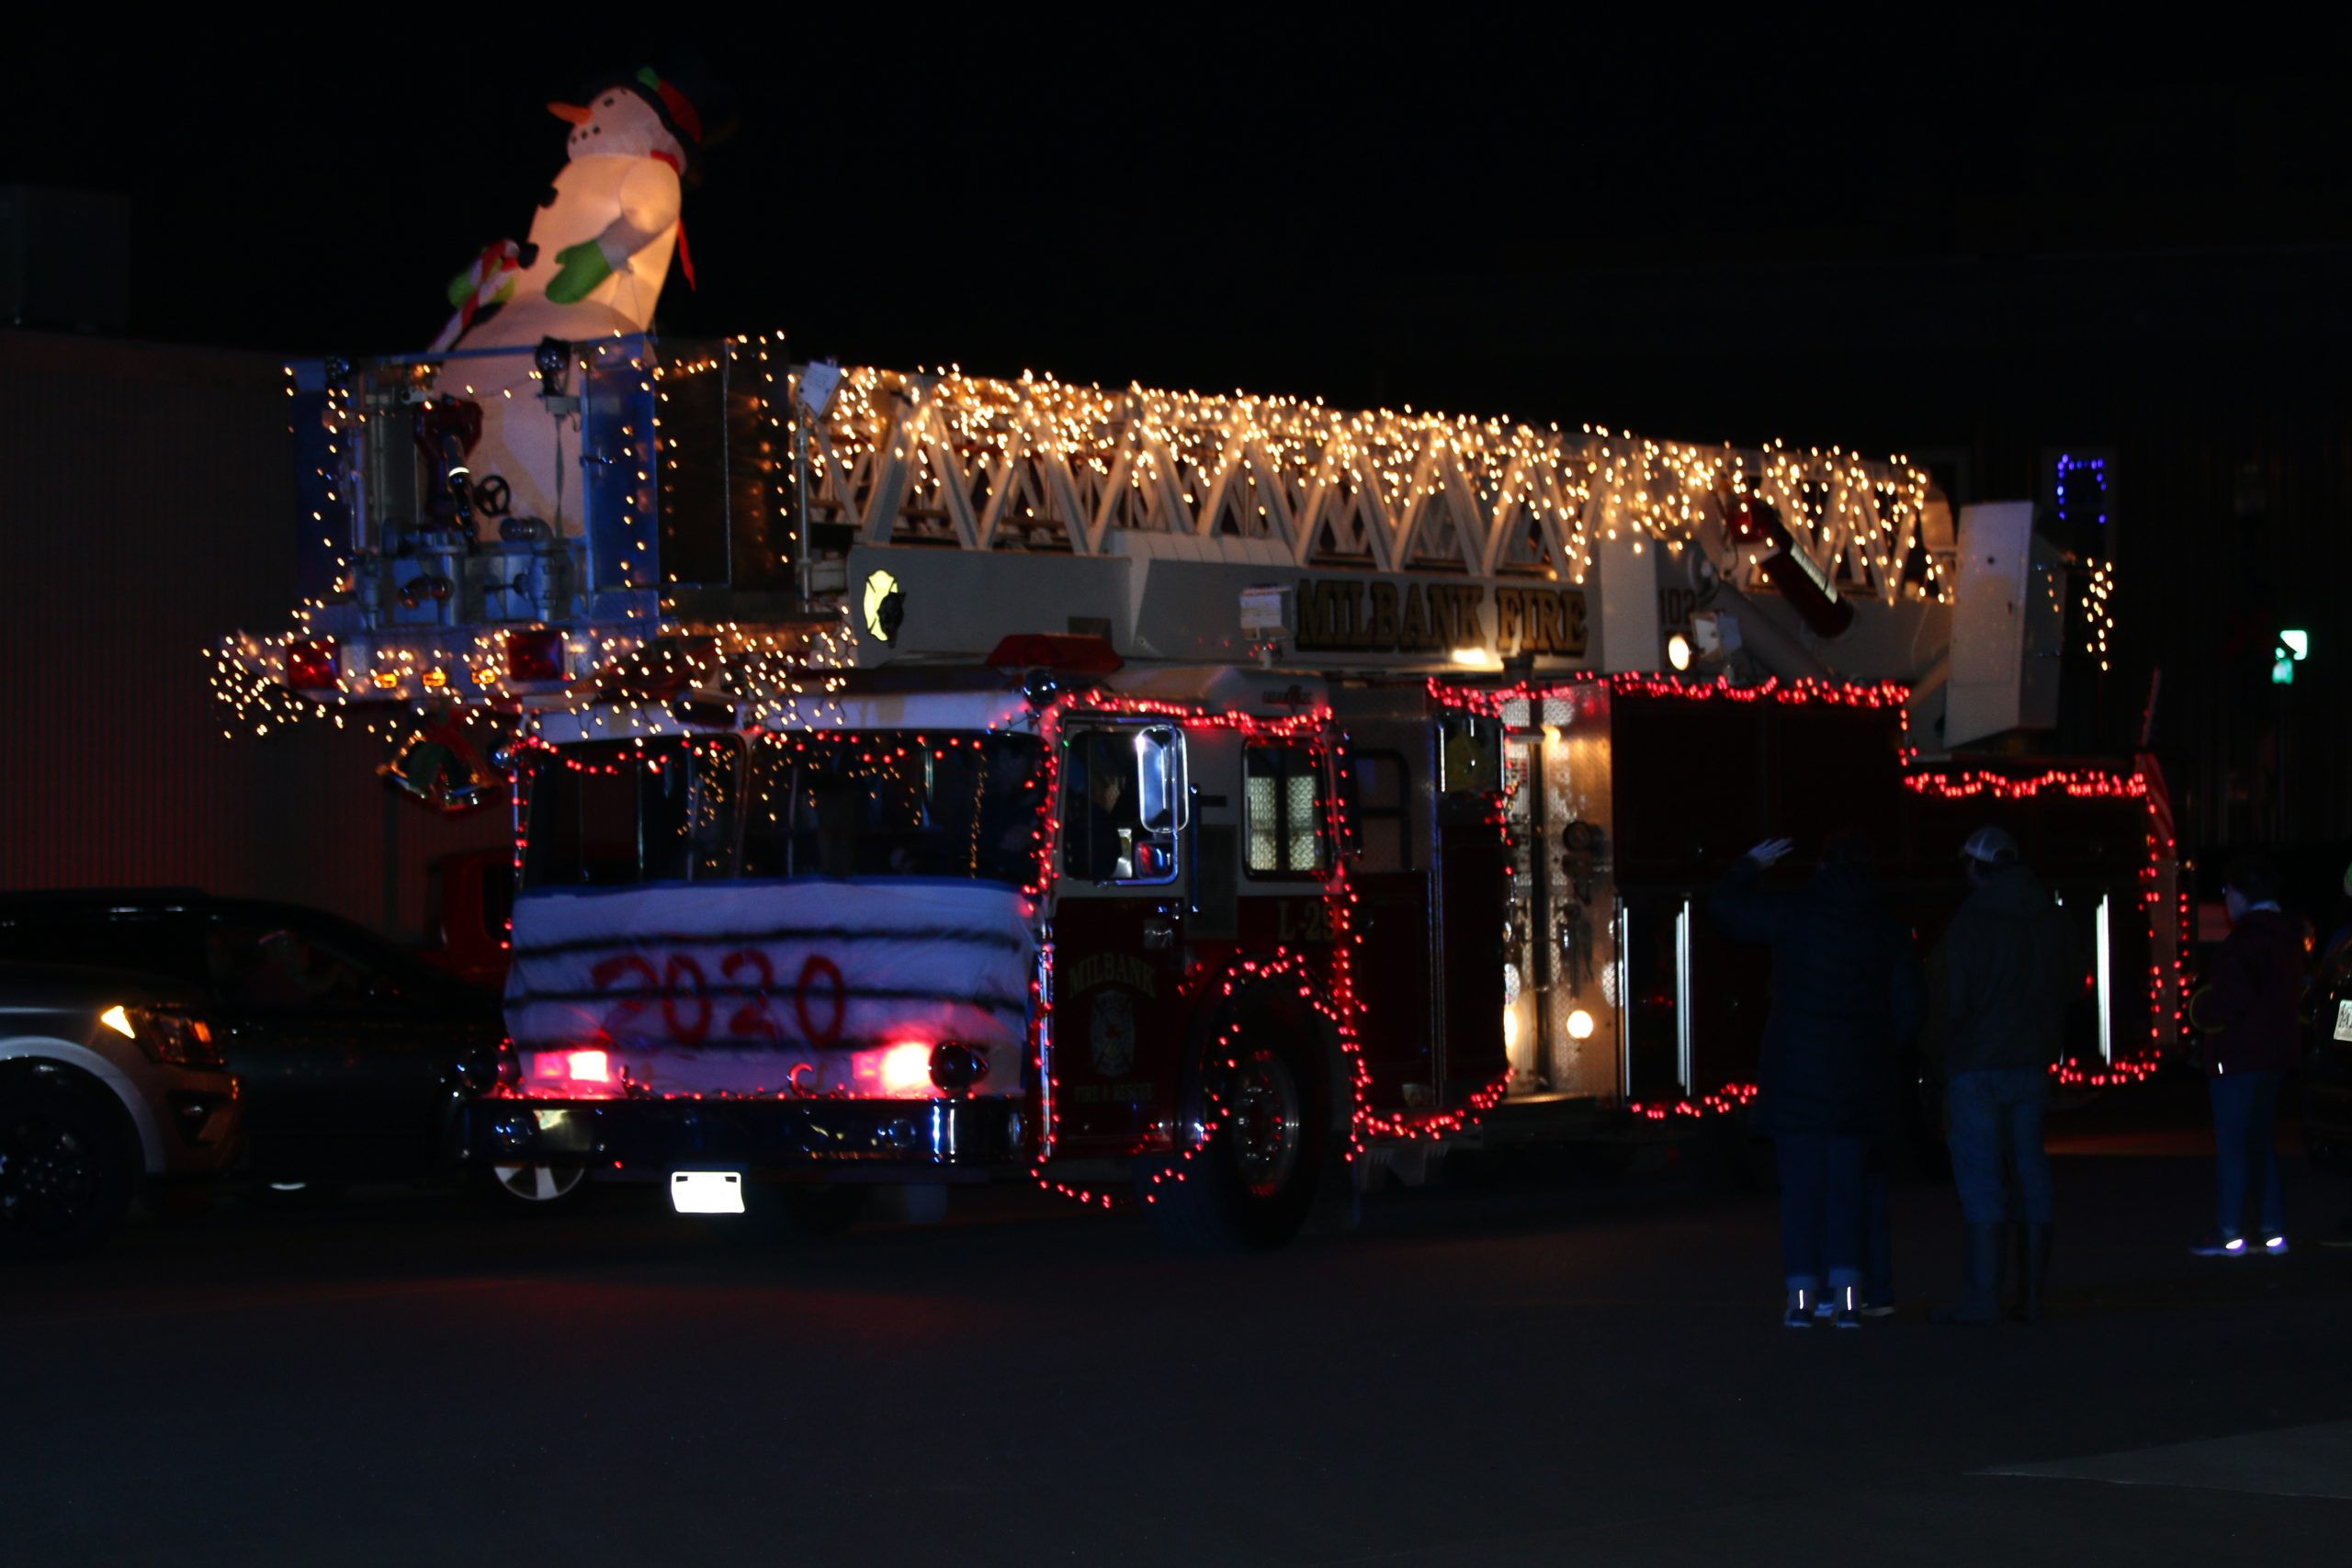 milbank fire dept ladder truck